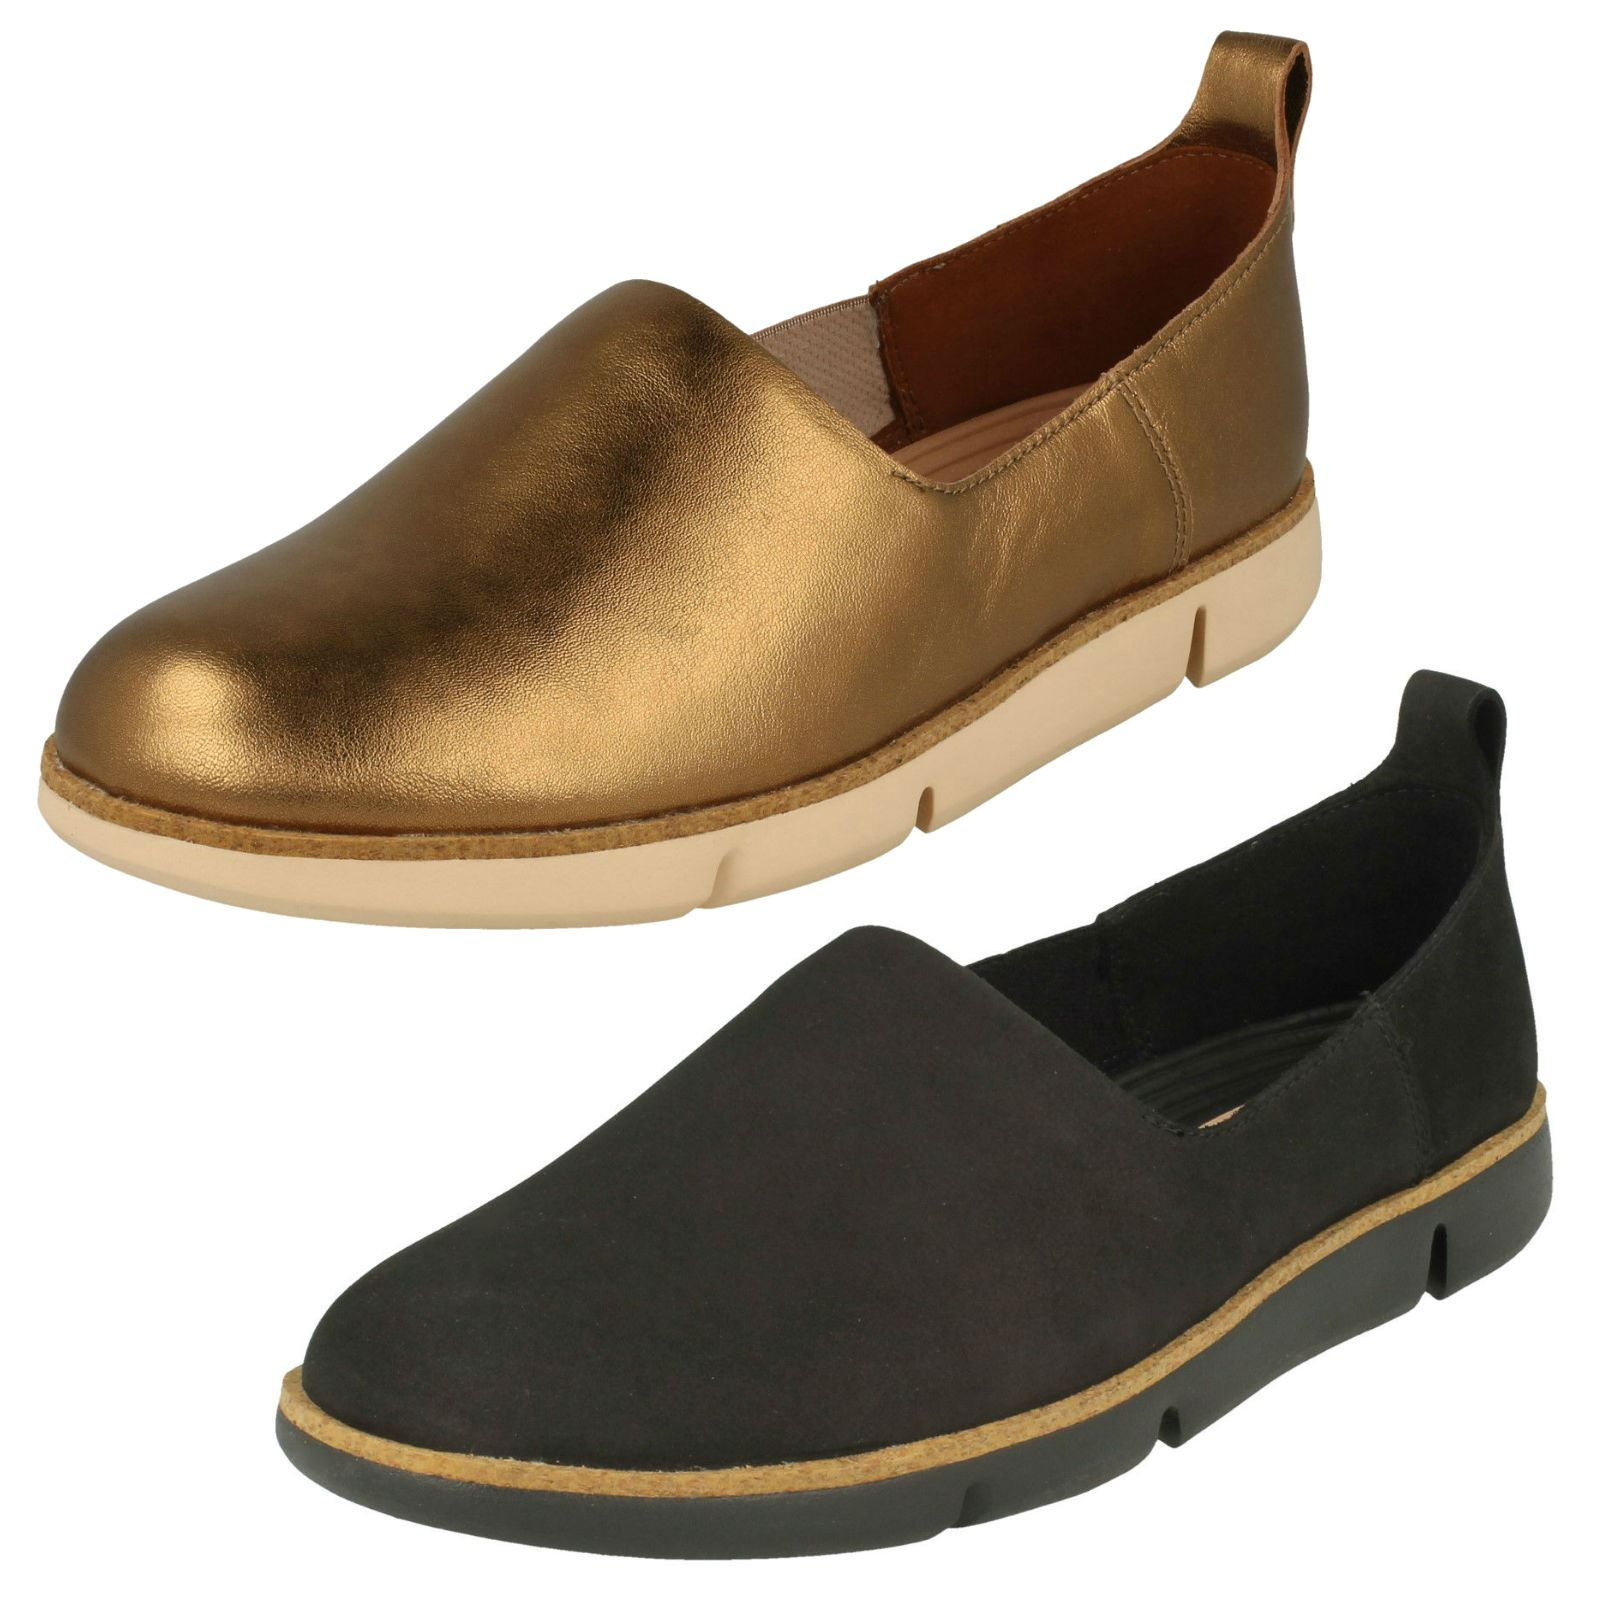 Zapatos de punta redonda Clarks para mujer Footlocker Finishline Precio barato Tienda de envío gratis Venta de Nicekicks Fecha de lanzamiento Venta en línea Venta de precio bajo YaQVKo